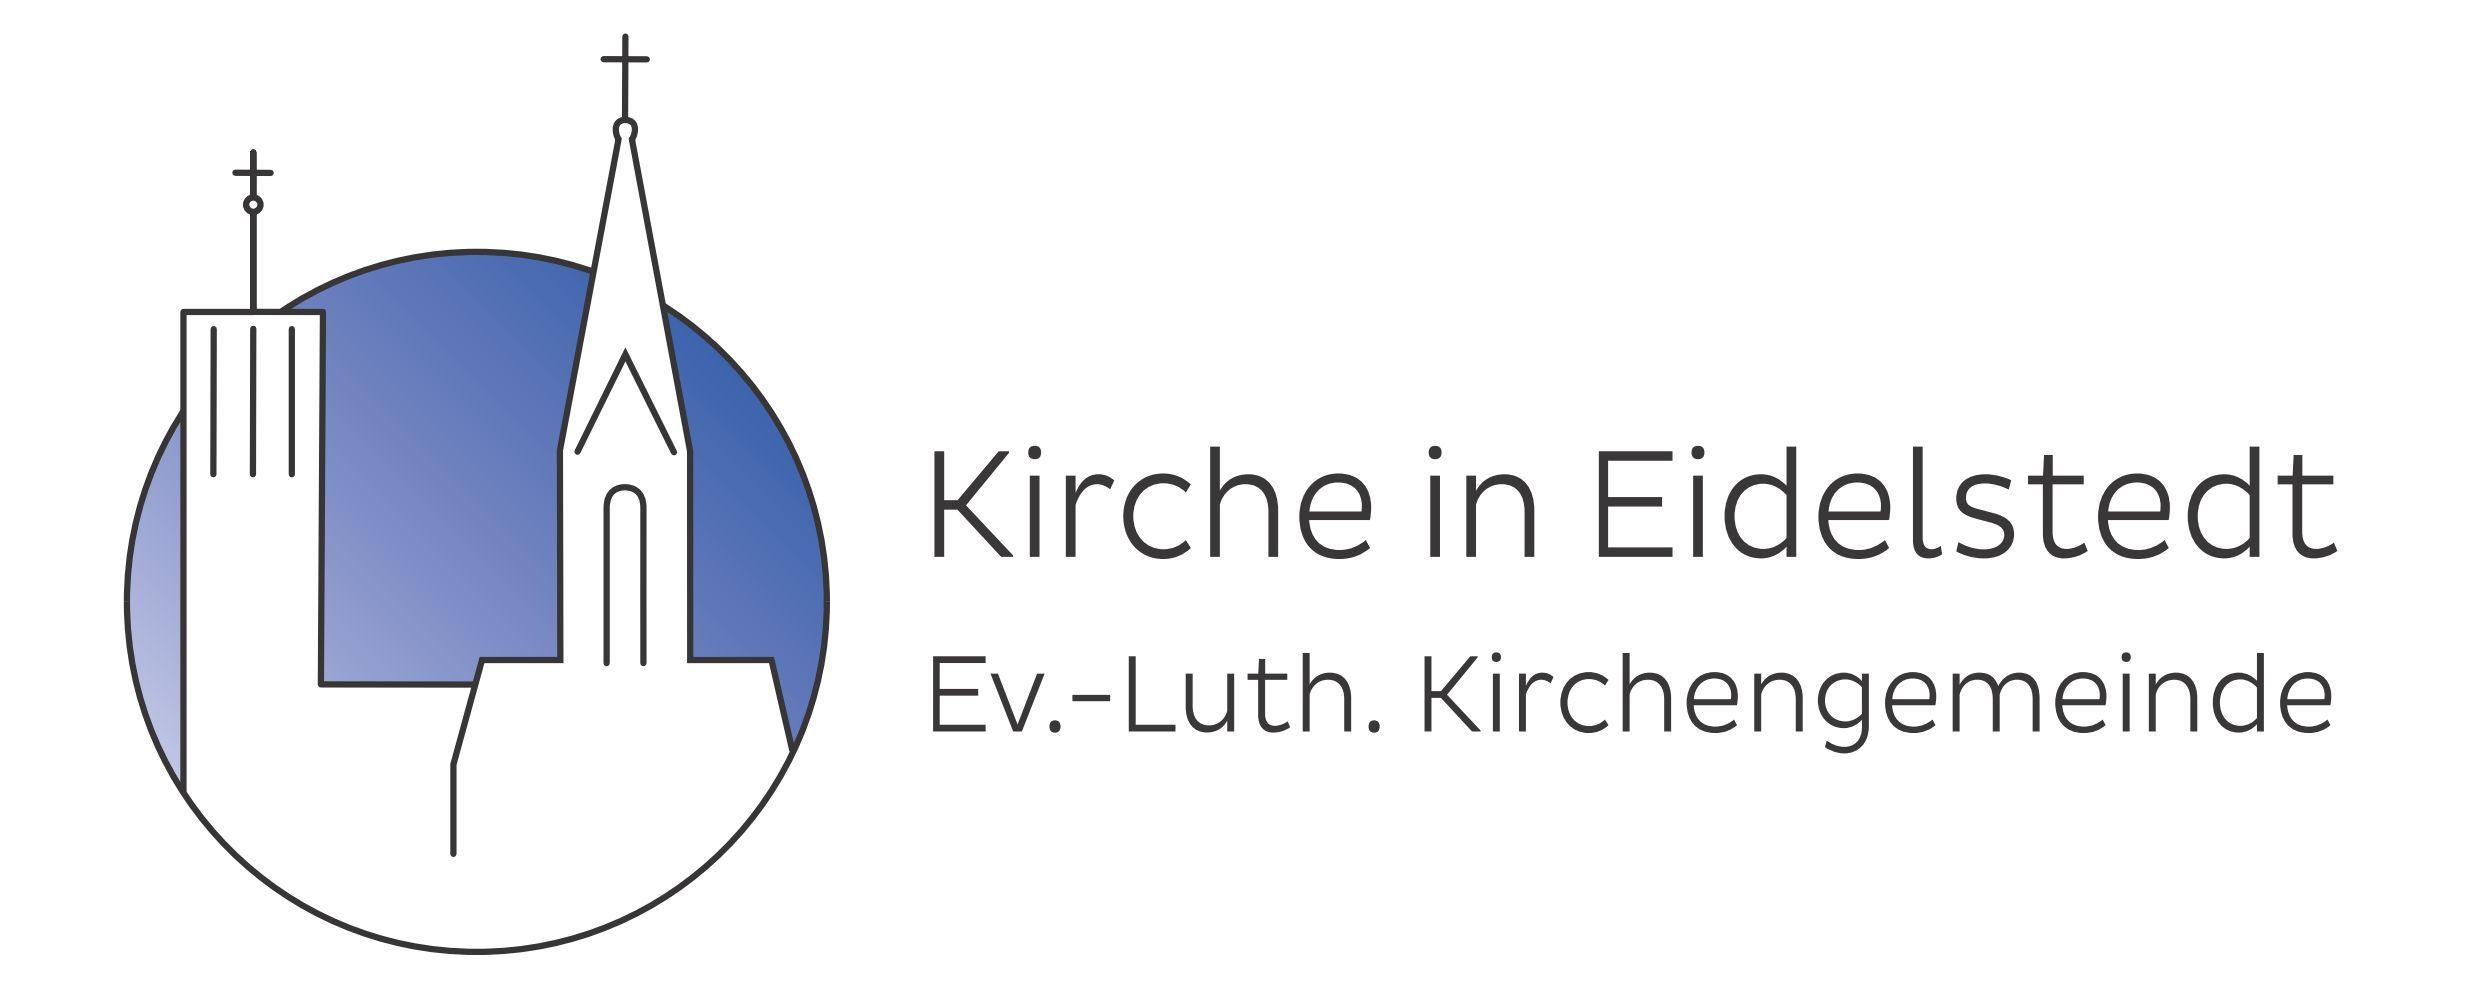 Kirchengemeinde Eidelstedt